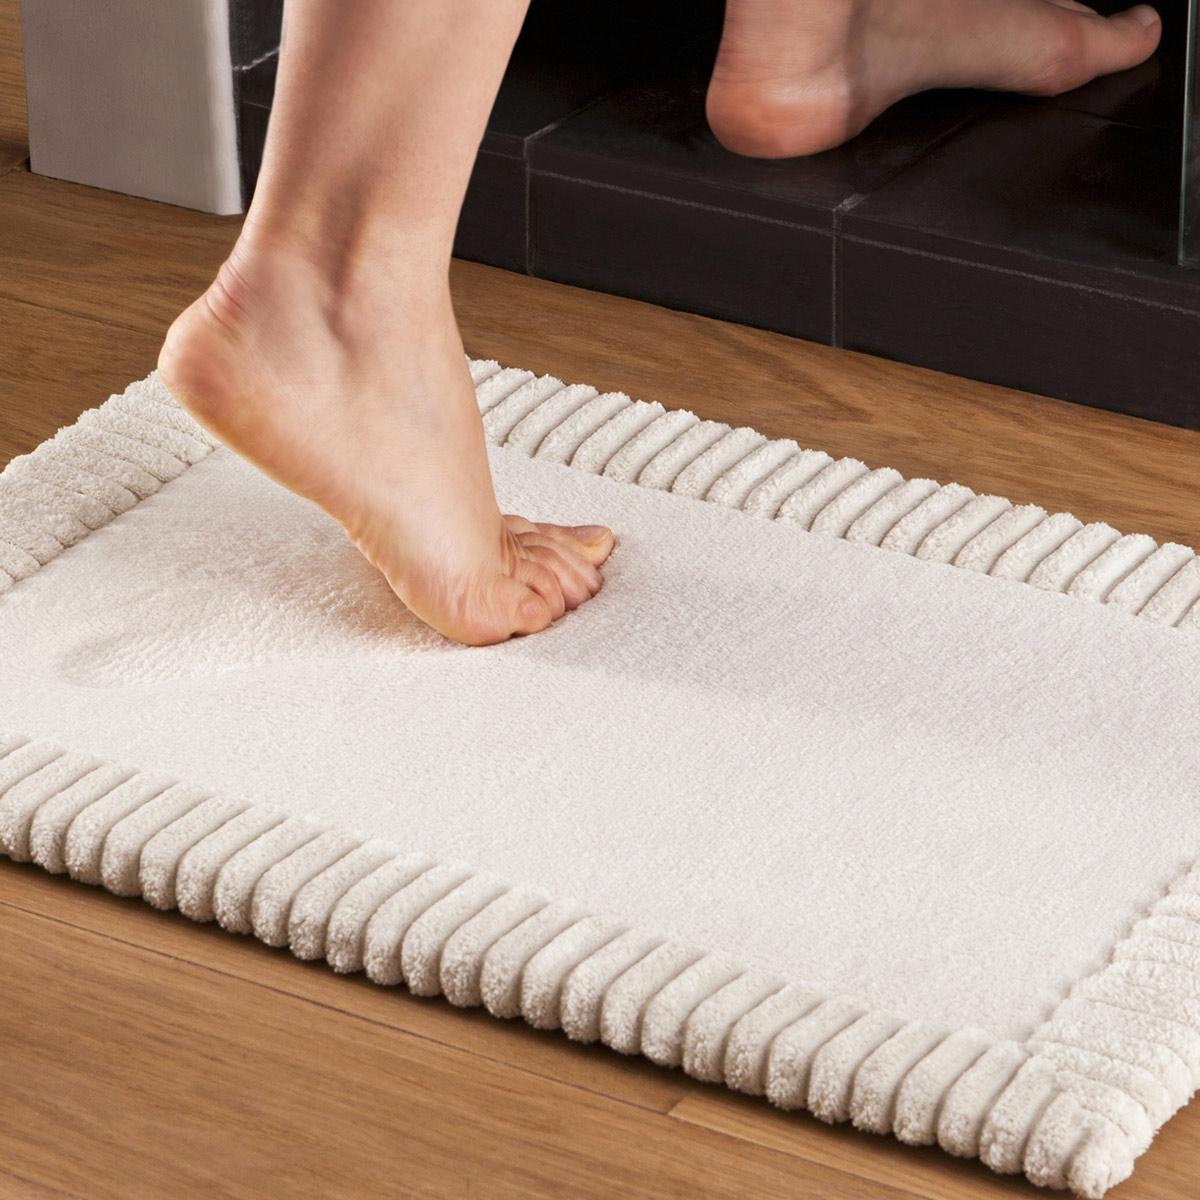 tapis bain chenille beige linge de maison tradition des vosges - Tapis Salle De Bain